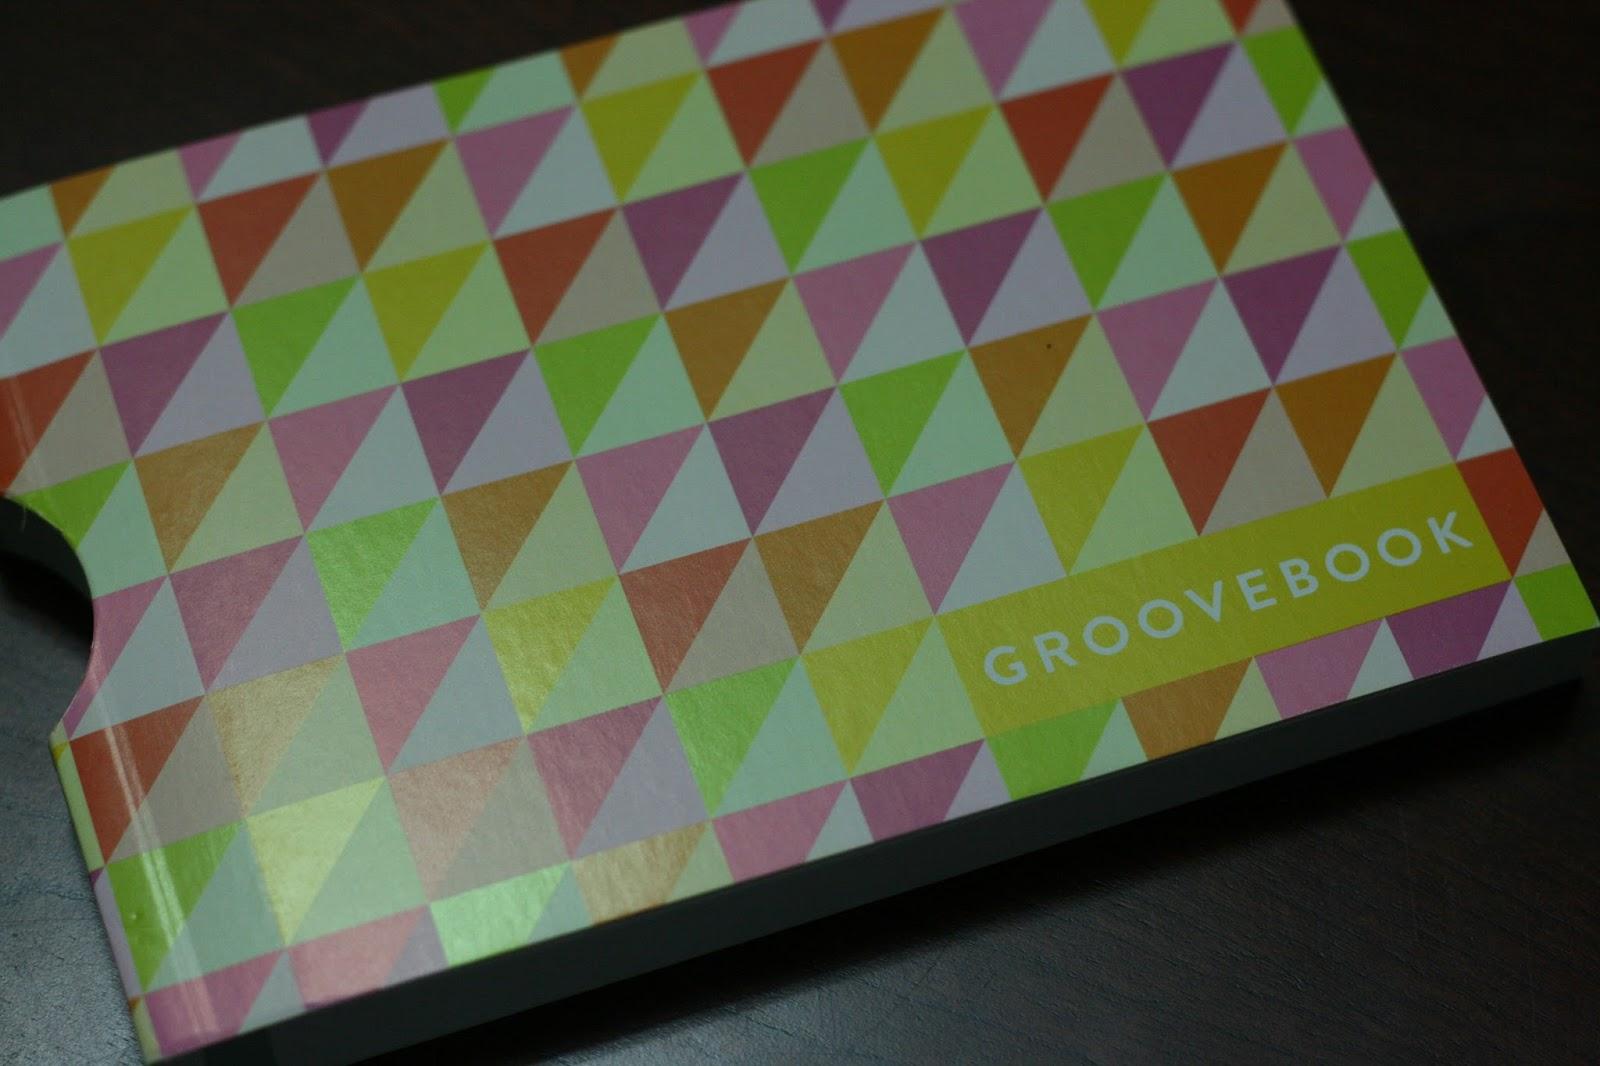 groovebook unboxing june 2015